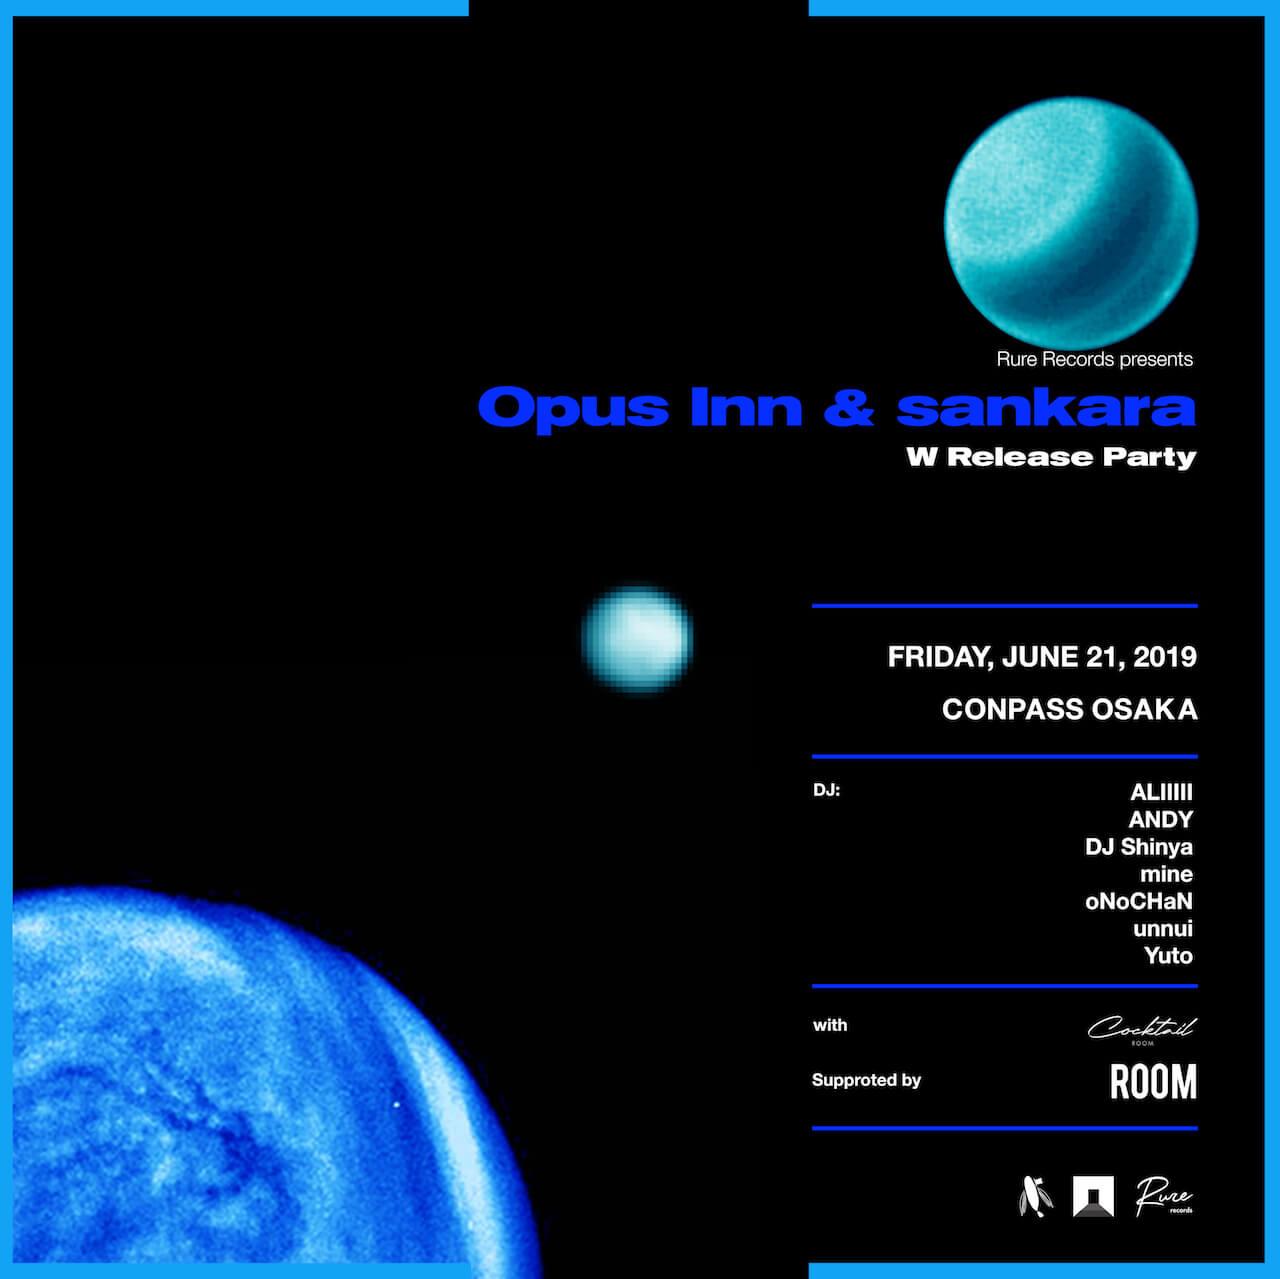 先の見えない世界|Opus Innが考えるこれからの表現とは interview190613-opus-inn-4